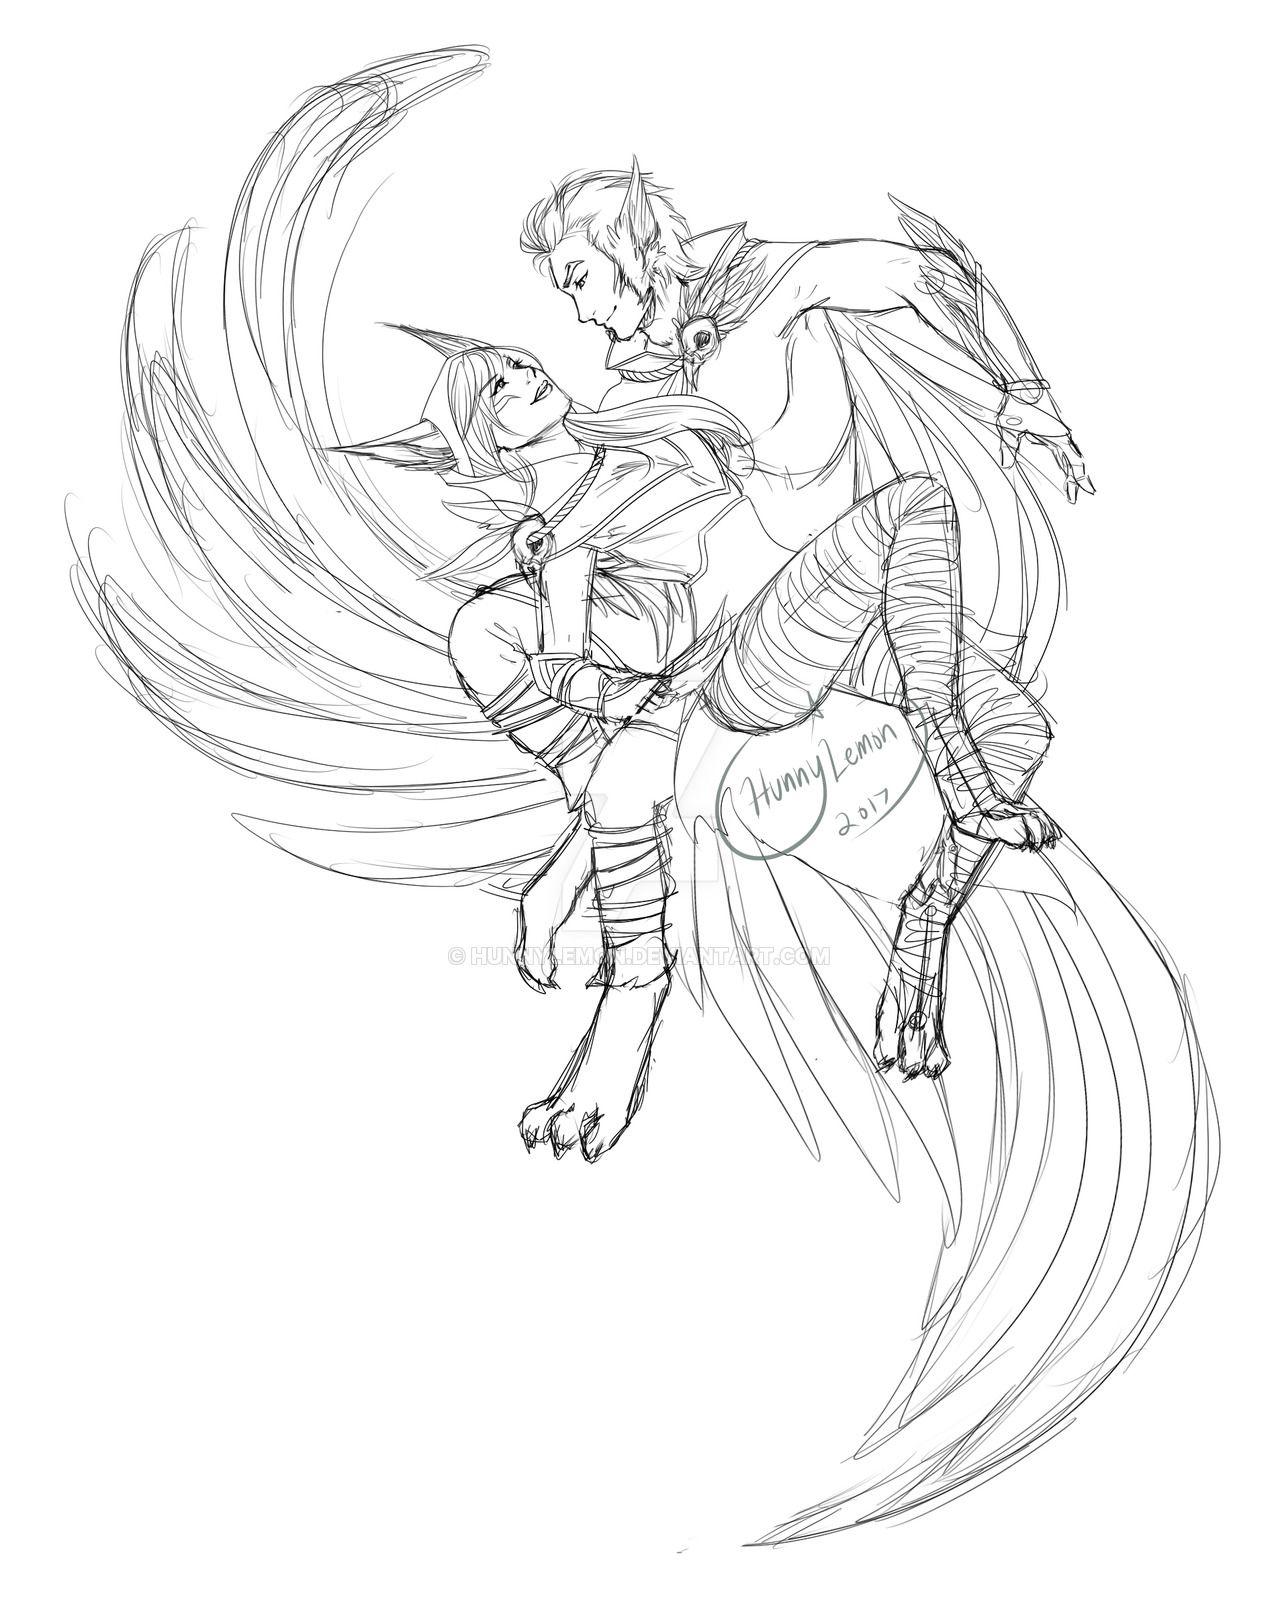 Rakan And Xayah Sketch By Hunnylemon Xayah And Rakan Lol League Of Legends League Of Legends Characters